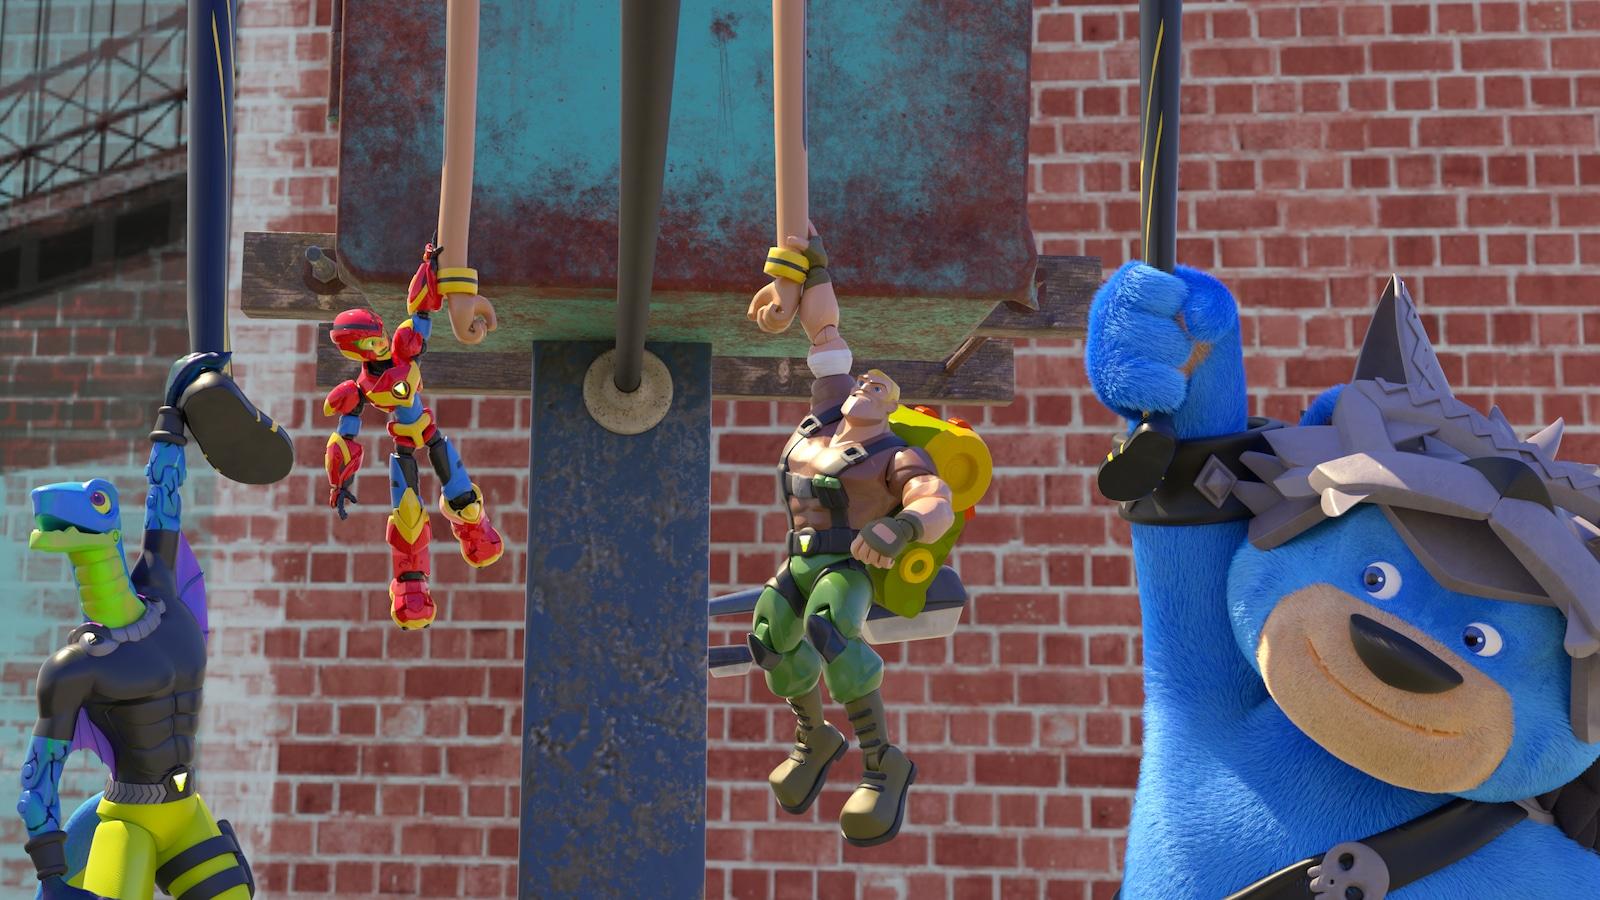 Les amis sont suspendus à des cordes dans le jardin